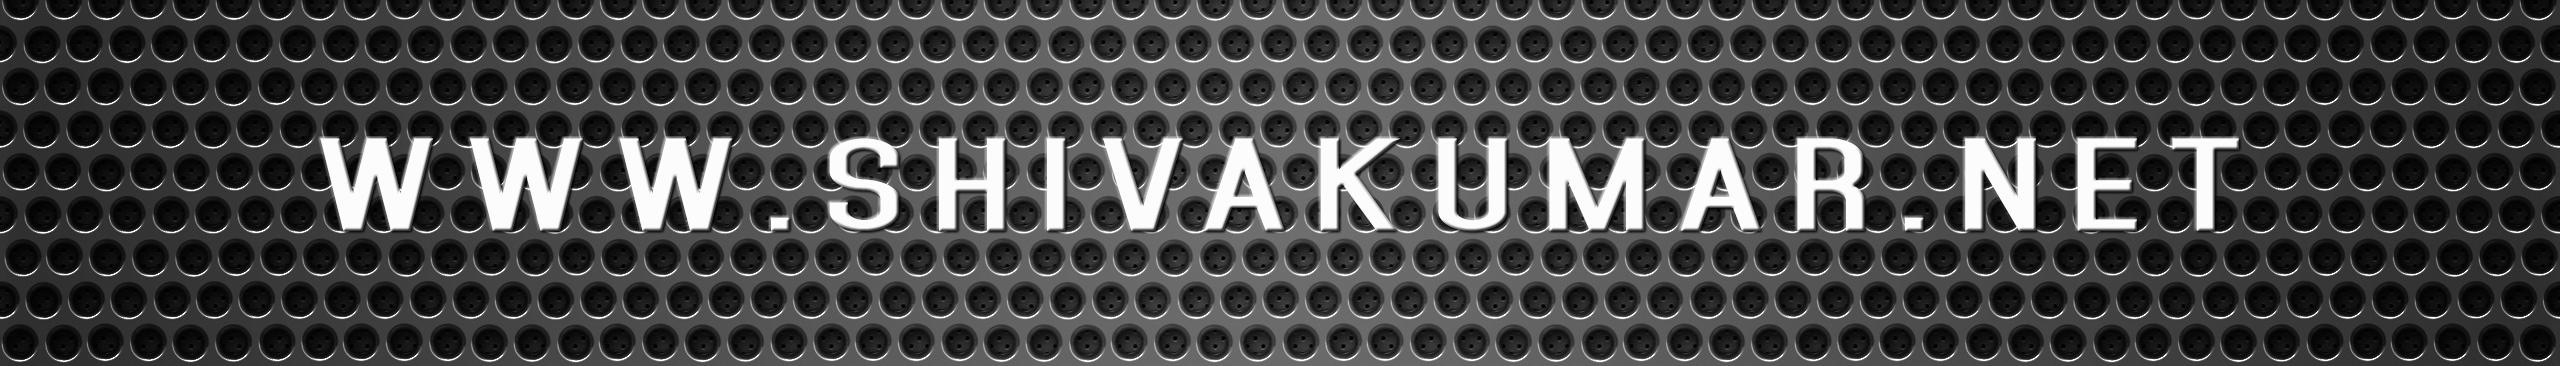 www.shivakumar.net